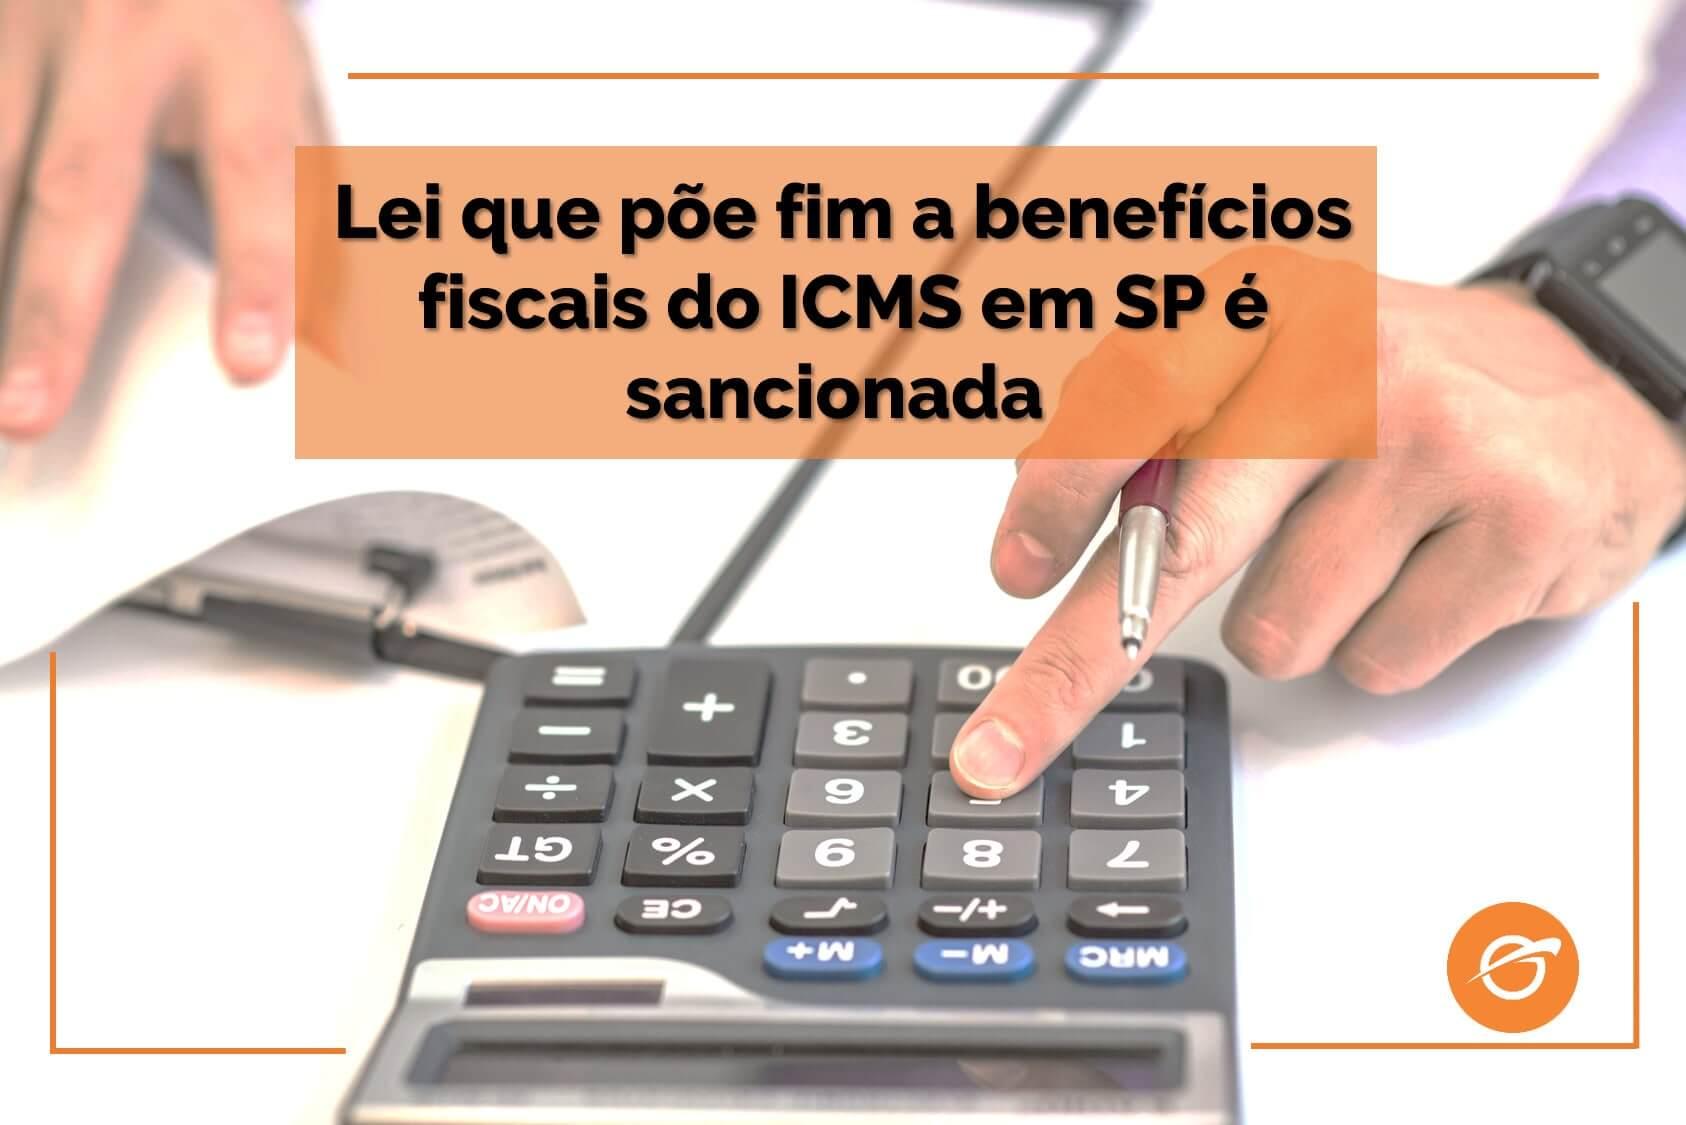 Lei-que-põe-fim-a-benefícios-fiscais-do-ICMS-em-SP-é-sancionada